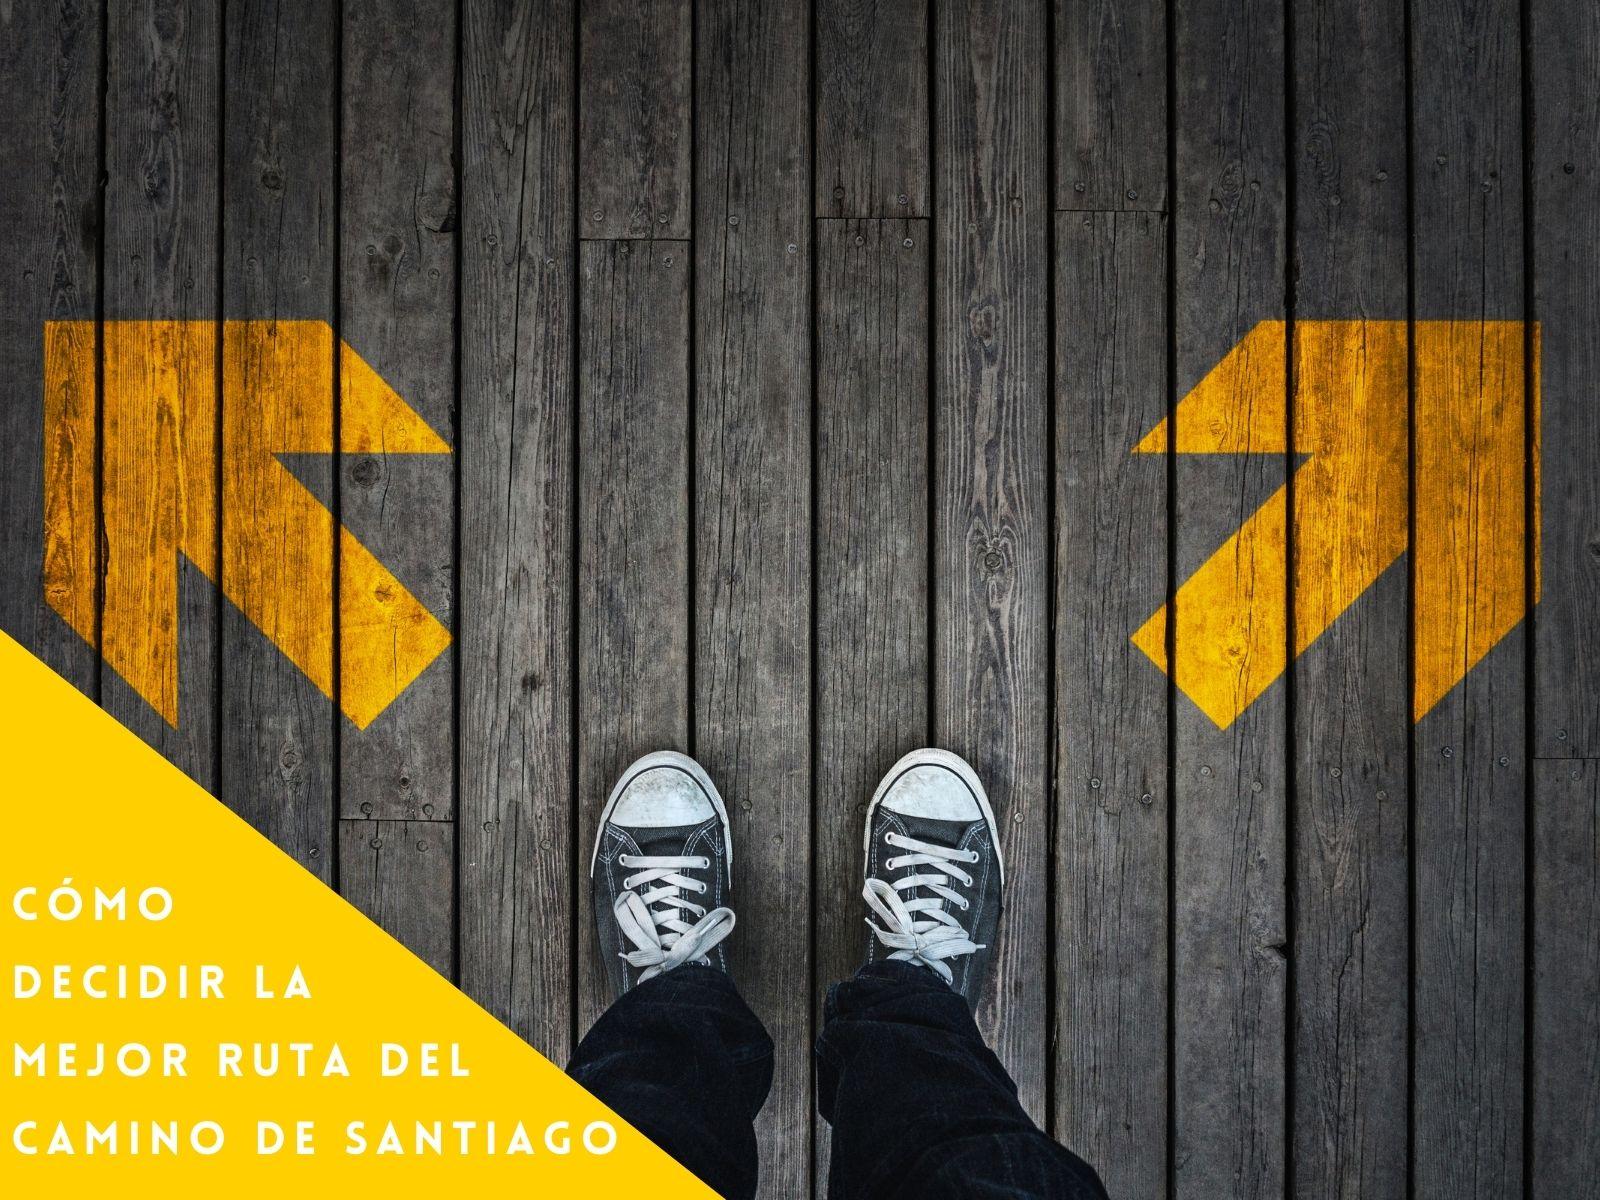 Cómo decidir la mejor ruta del Camino de Santiago